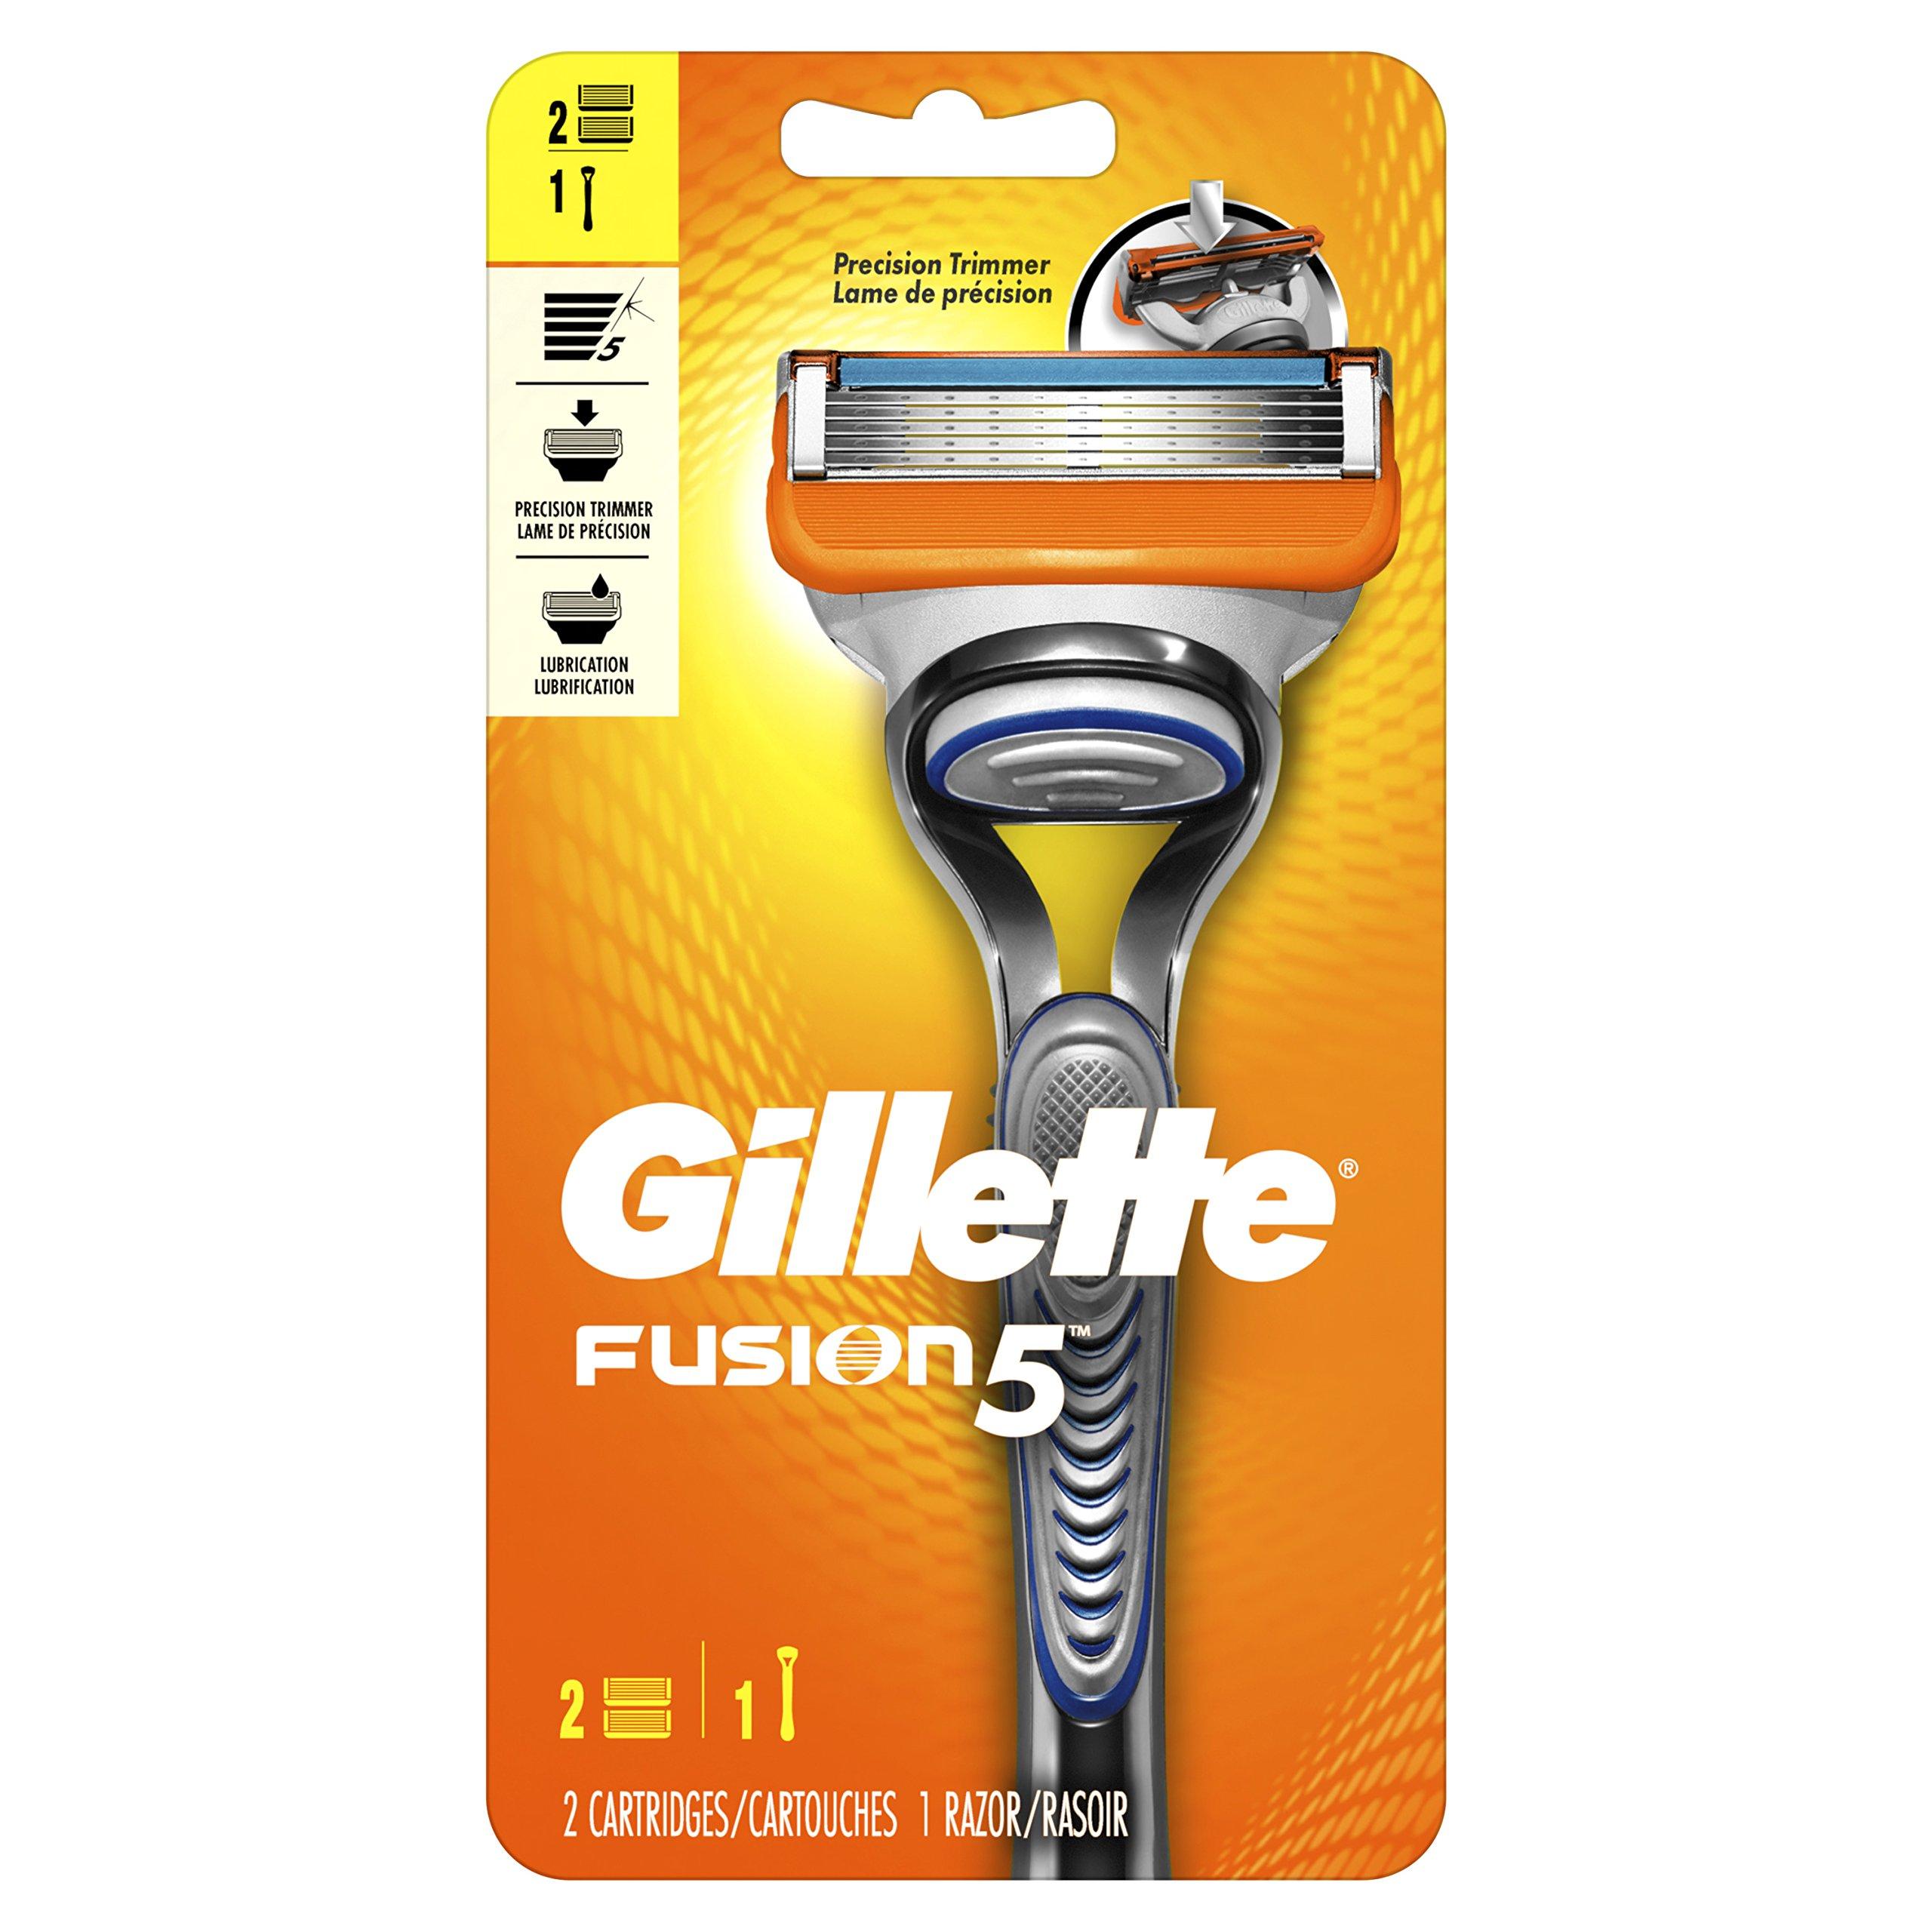 8-Count Gillette Fusion 5 Razor Blade Power Cartridge Refills $10.52 ($1.32 ea) FS Amazon Prime